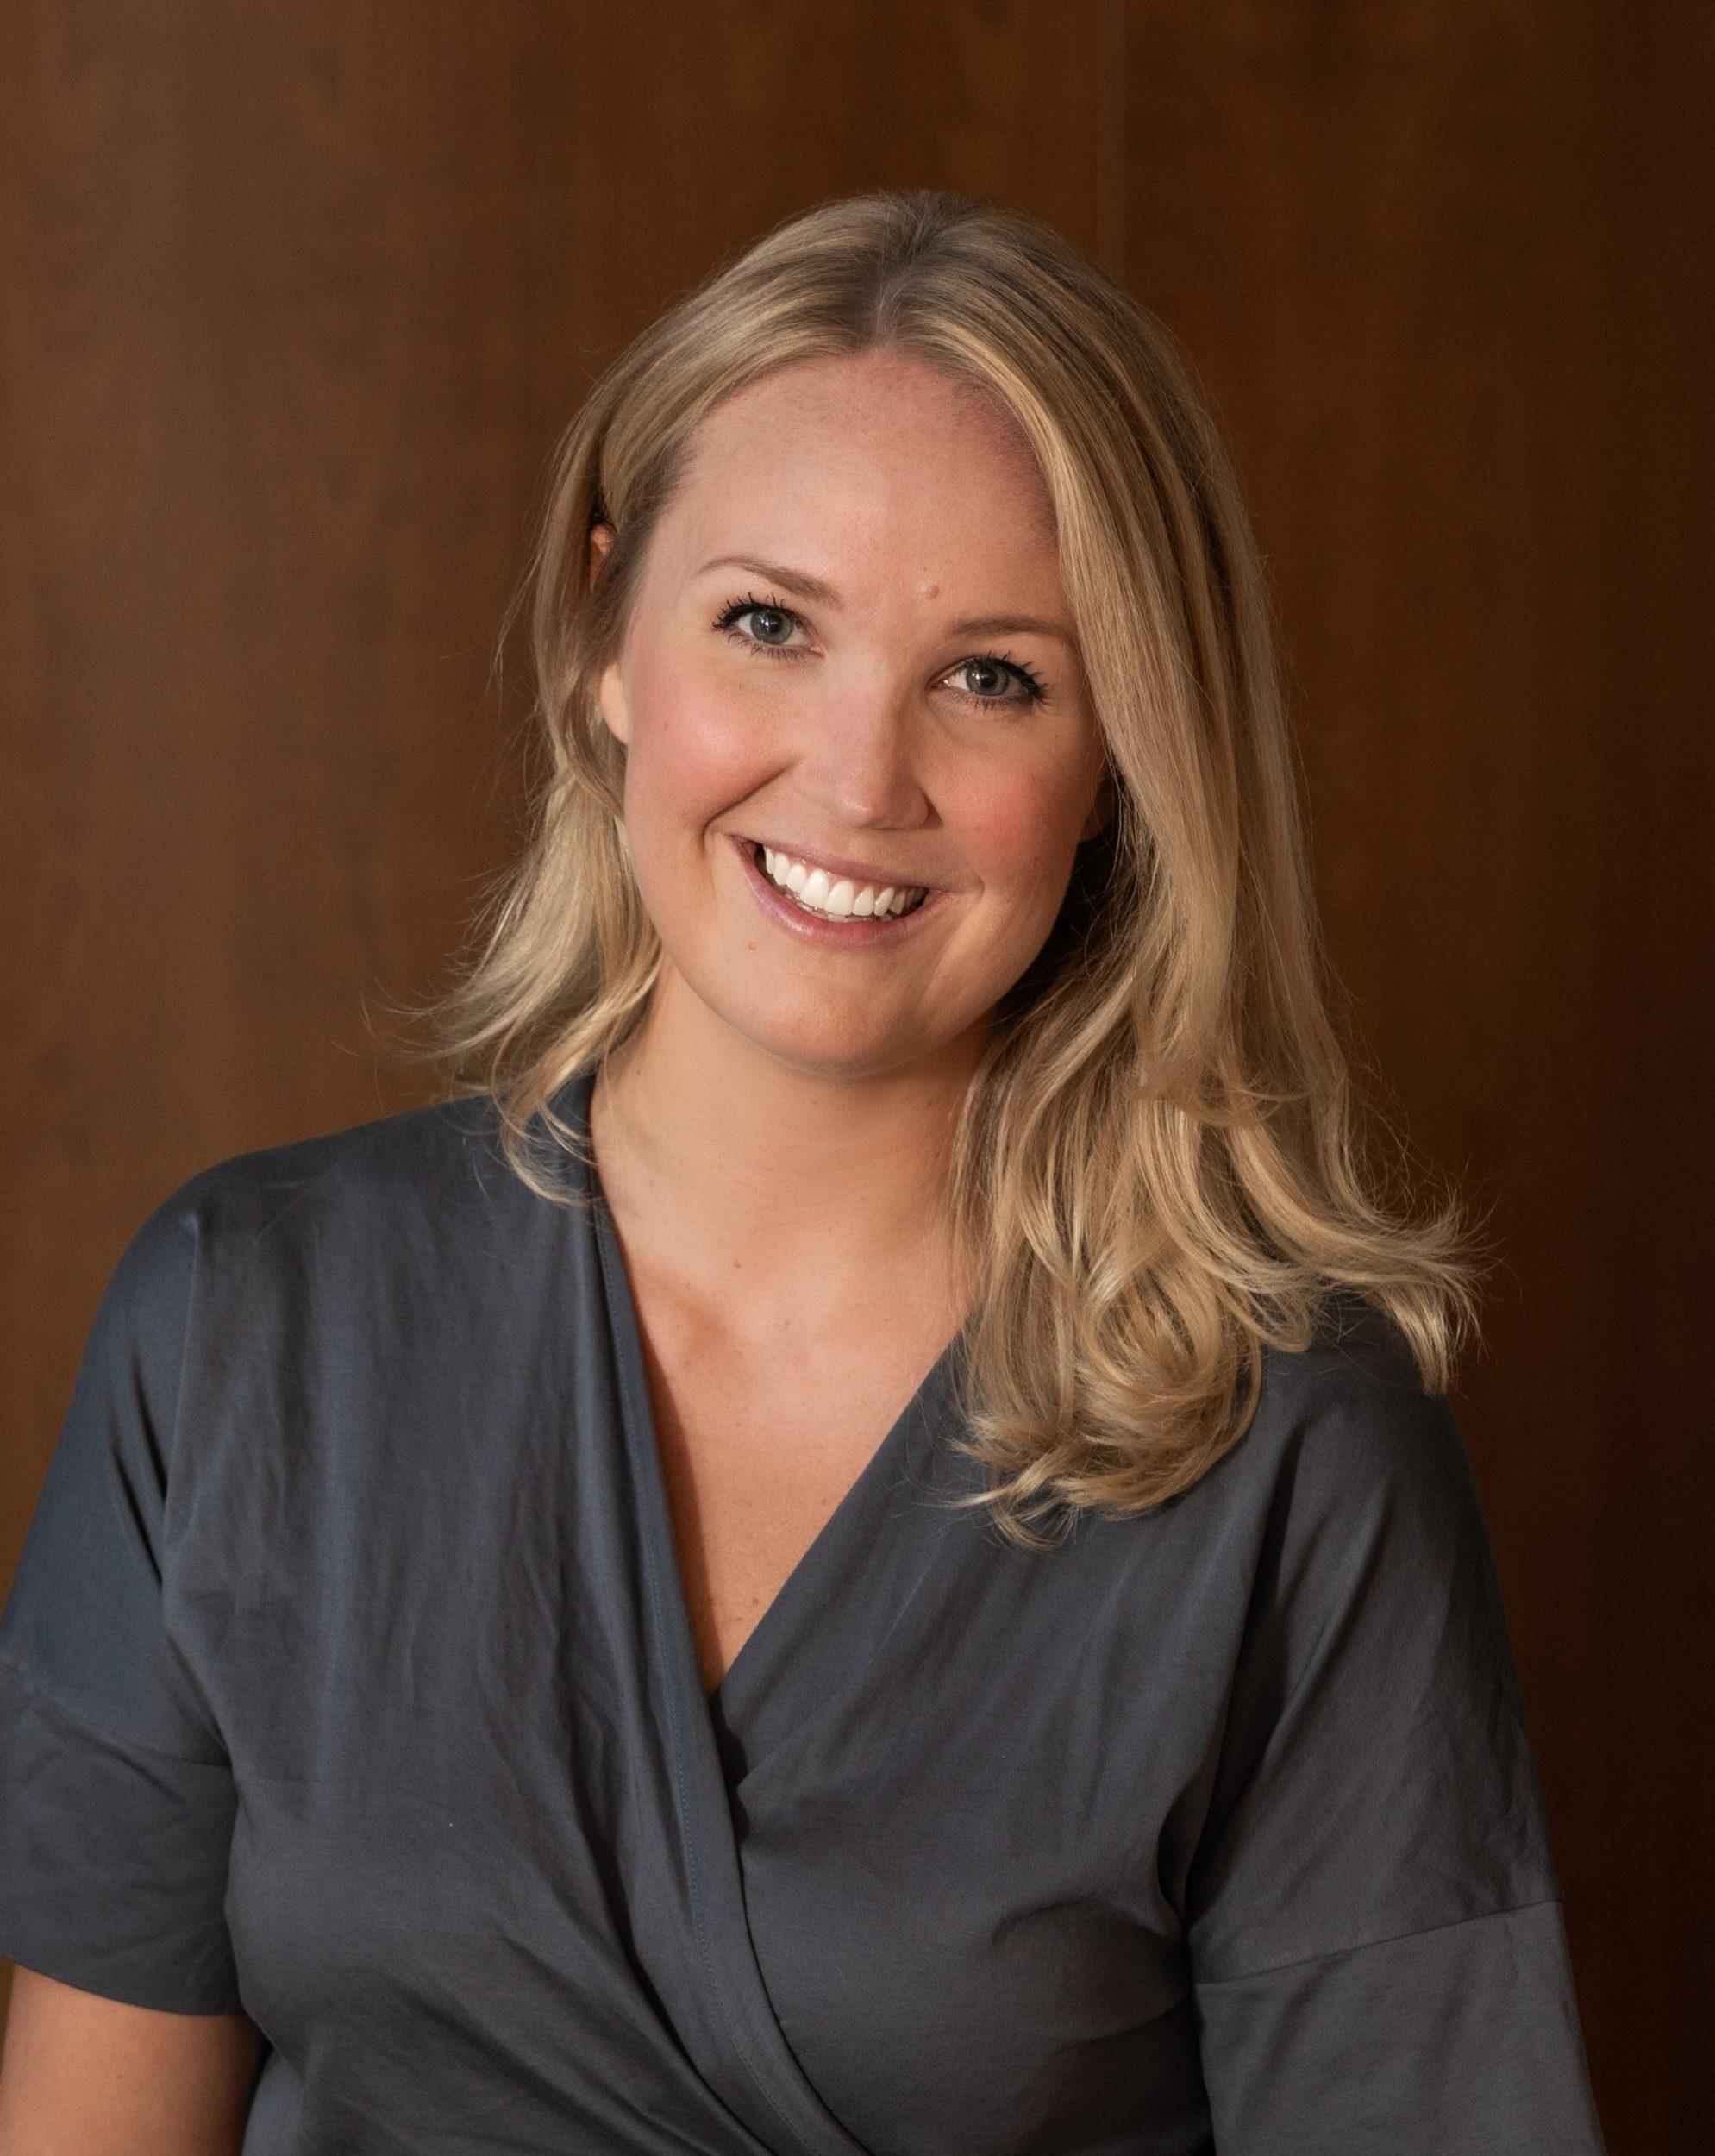 Mathilda Haglund